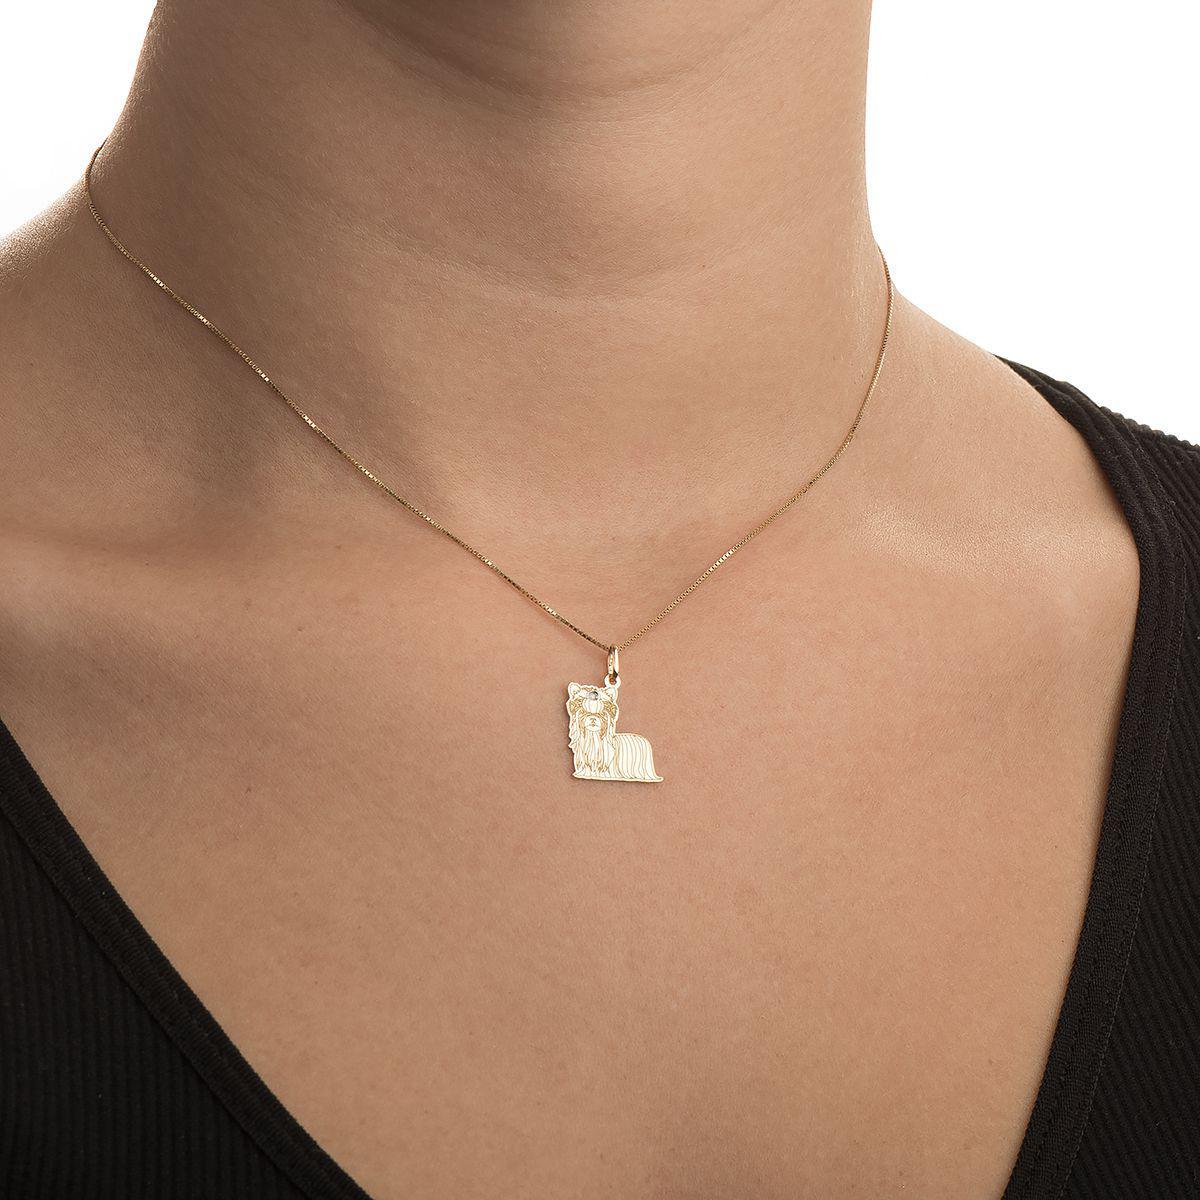 b0269cb9c123f Pingente de Ouro 18k Cachorro Yorkshire com Diamante pi18372 - Joiasgold R   557,87 à vista. Adicionar à sacola